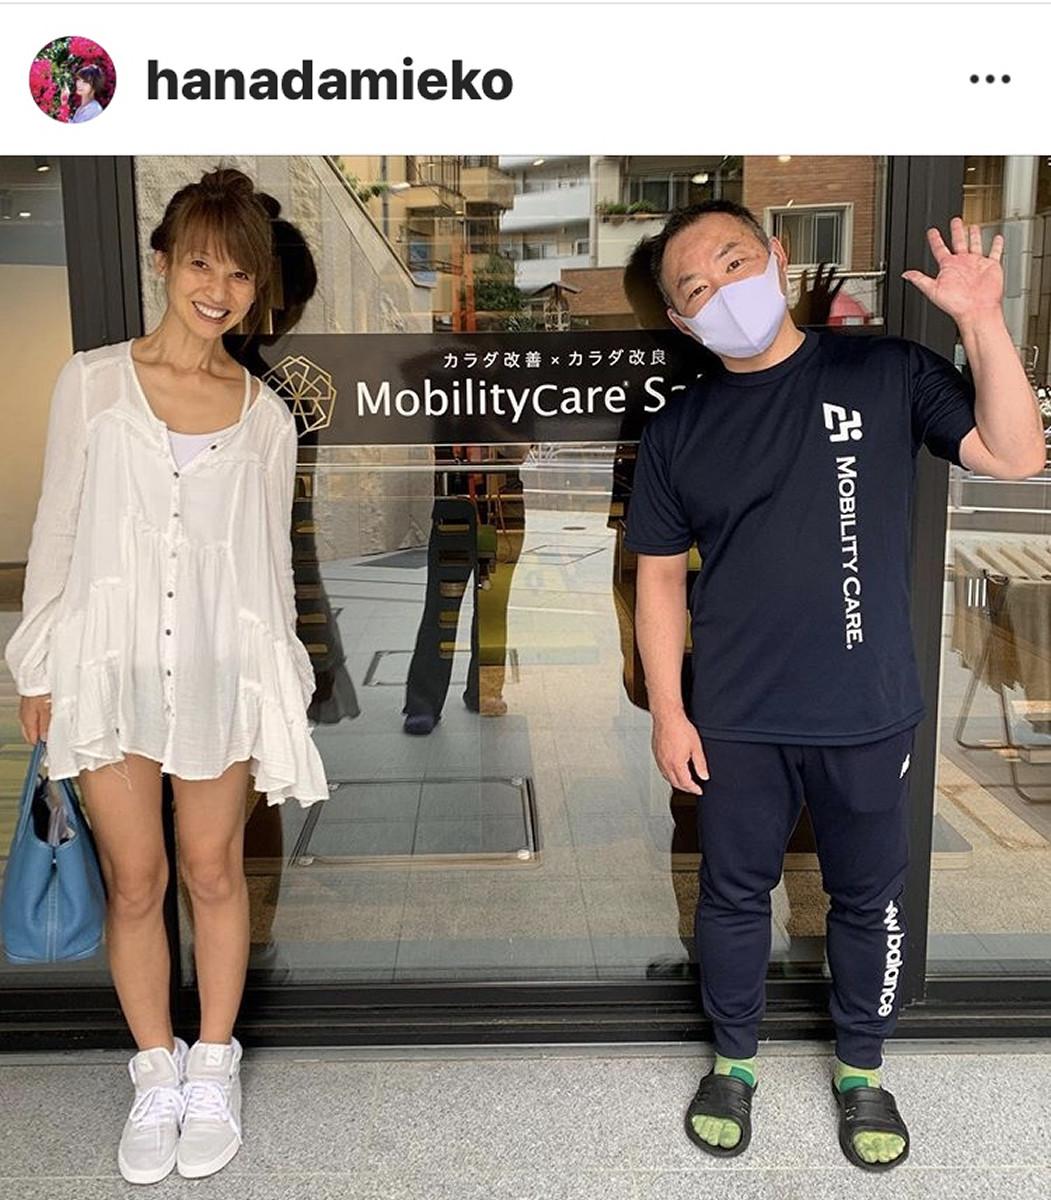 花田美恵子、180度開脚ショットに「めっちゃ柔らかい」「体脂肪率3%って感じ?」と驚きの声 : スポーツ報知